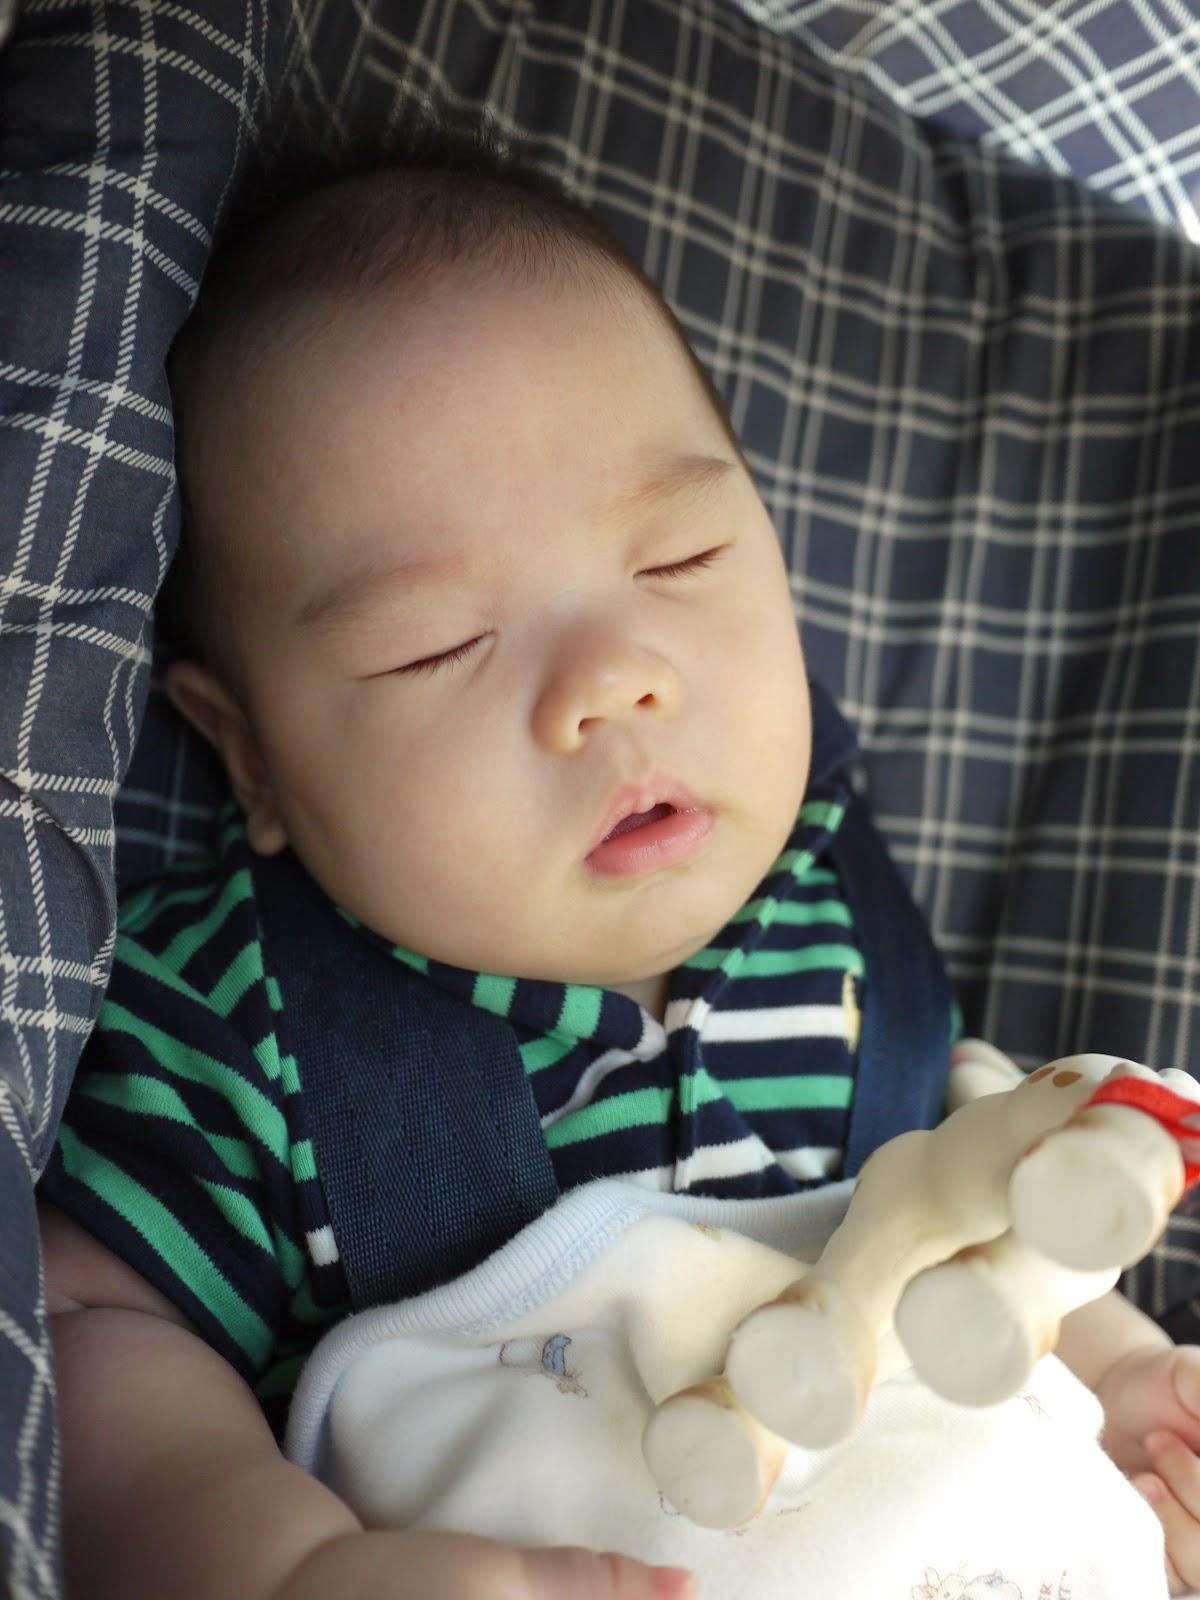 滿五個月之嬰兒變好大 @ aka Jass :: 痞客邦